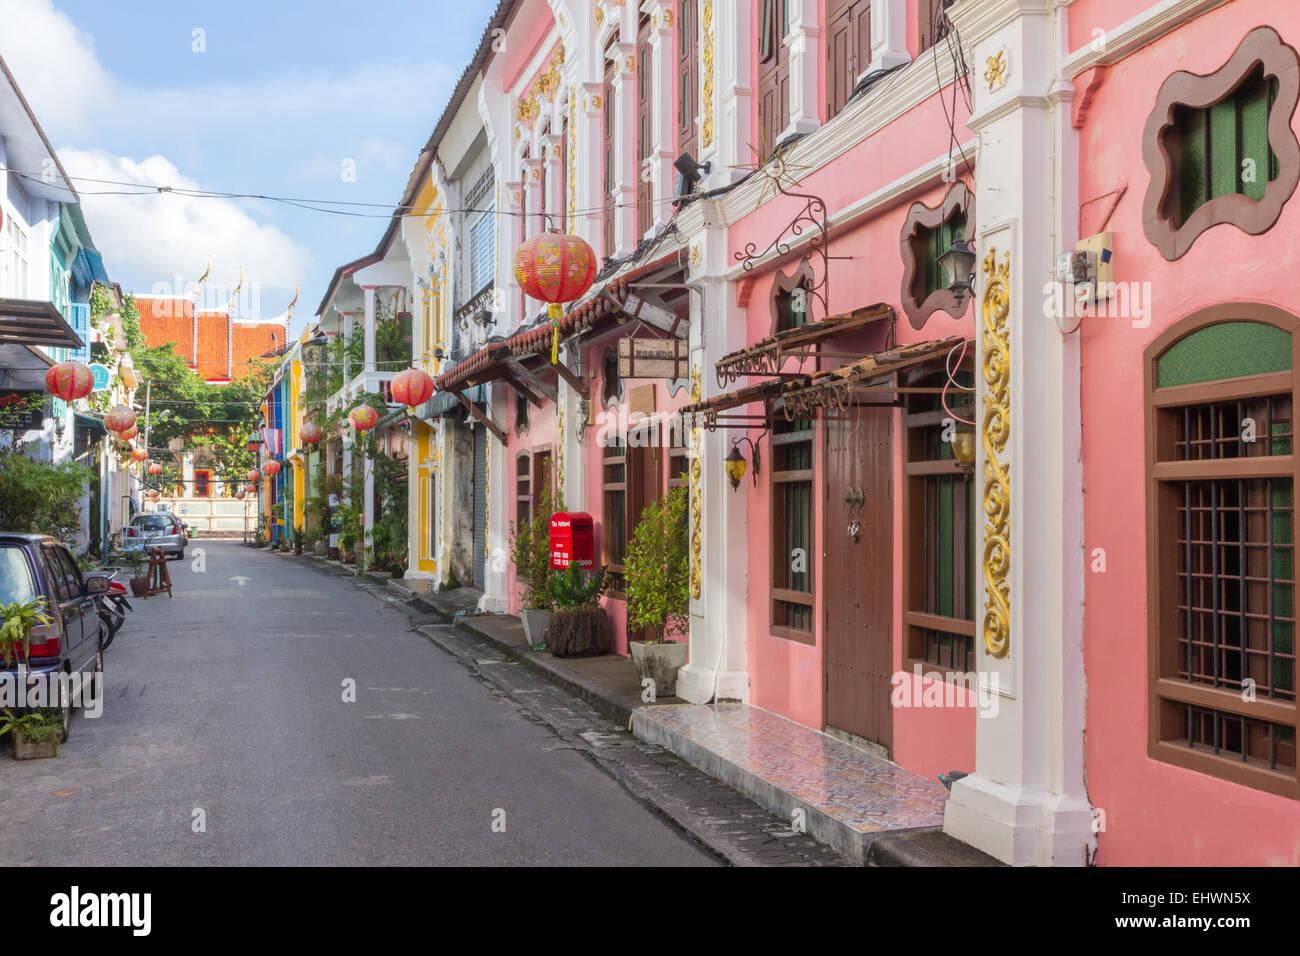 restored-sino-portuguese-architecture-on